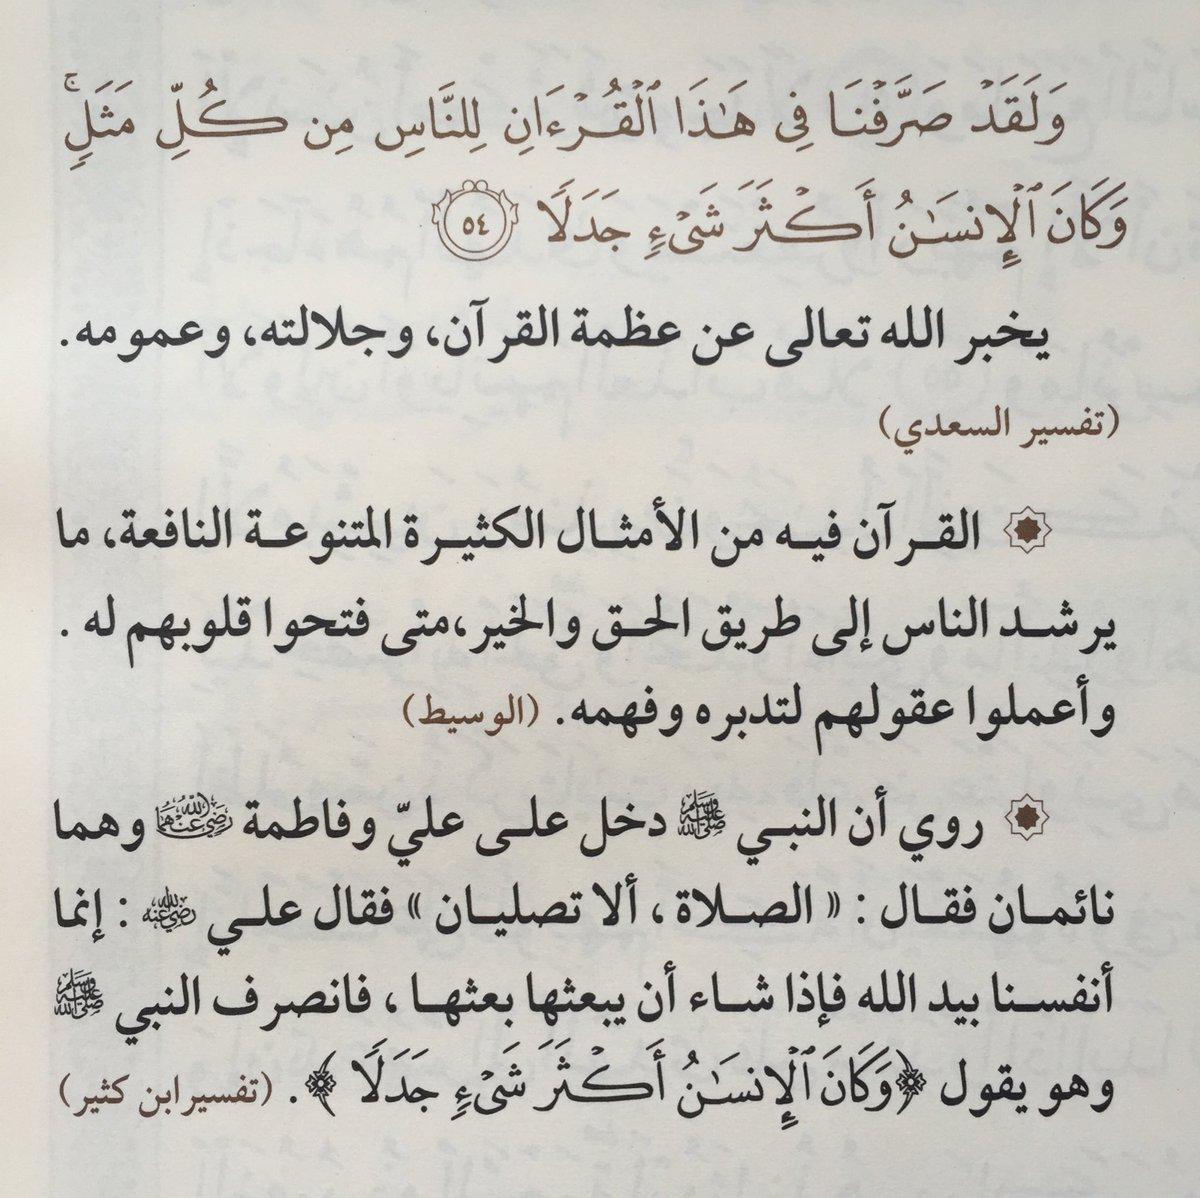 هذا بصائر للناس Ar Twitter سورة الكهف فوائد في قوله تعالى ولقد صرفنا في هذا القرآن من كل مثل وكان الإنسان أكثر شيء جدلا من كتاب فوائد ولطائف سورةالكهف Https T Co Iq3wx5mhj8